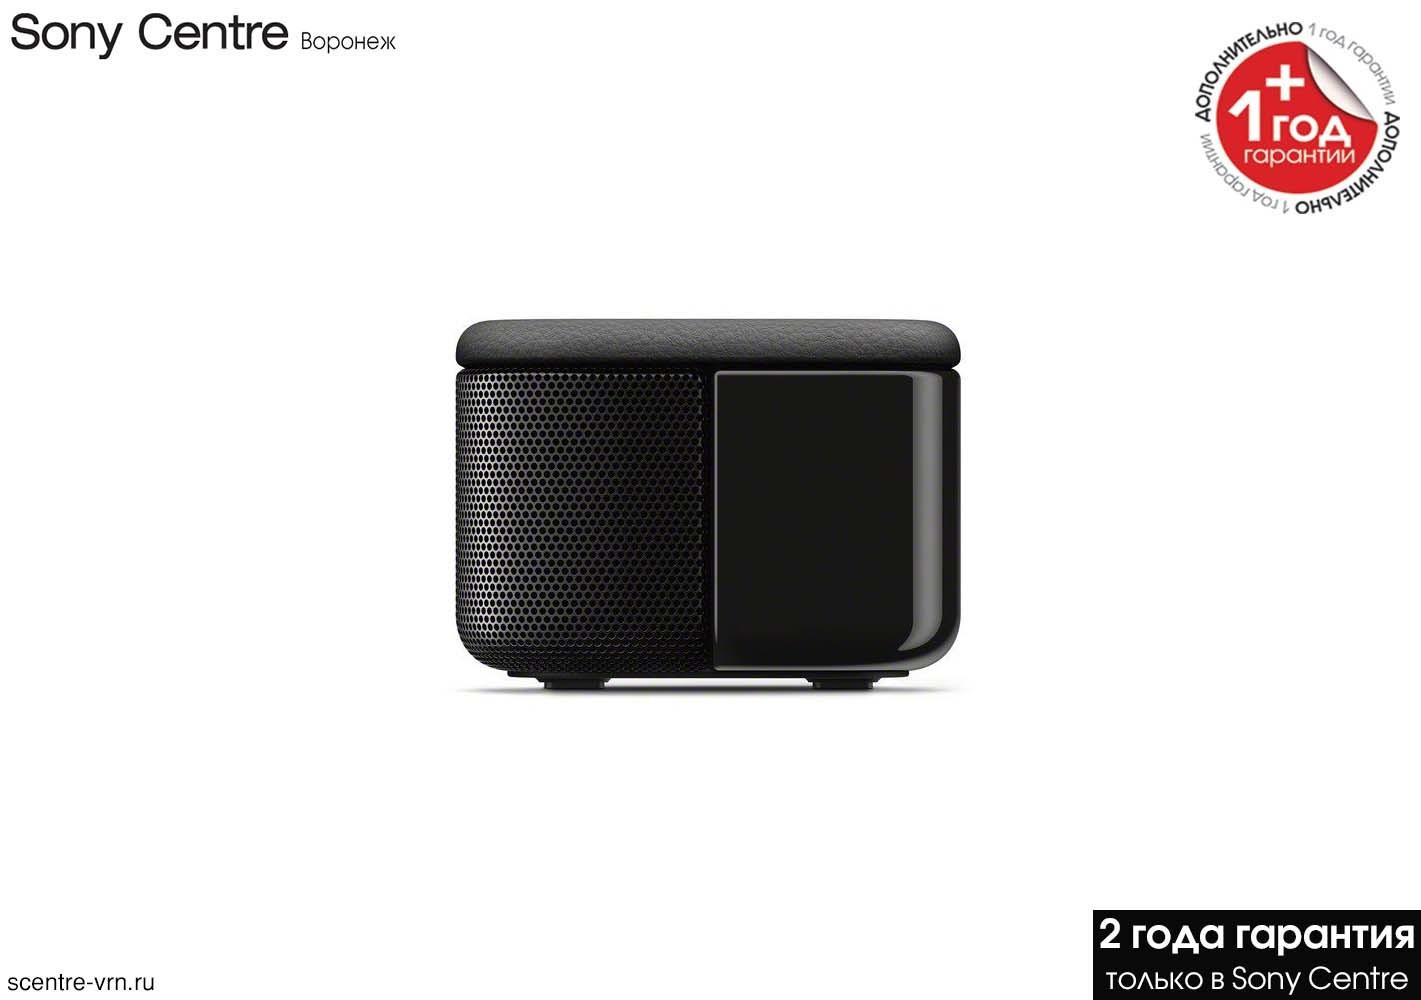 Саундбар Sony HT-SF150 купить в официальном интернет-магазине